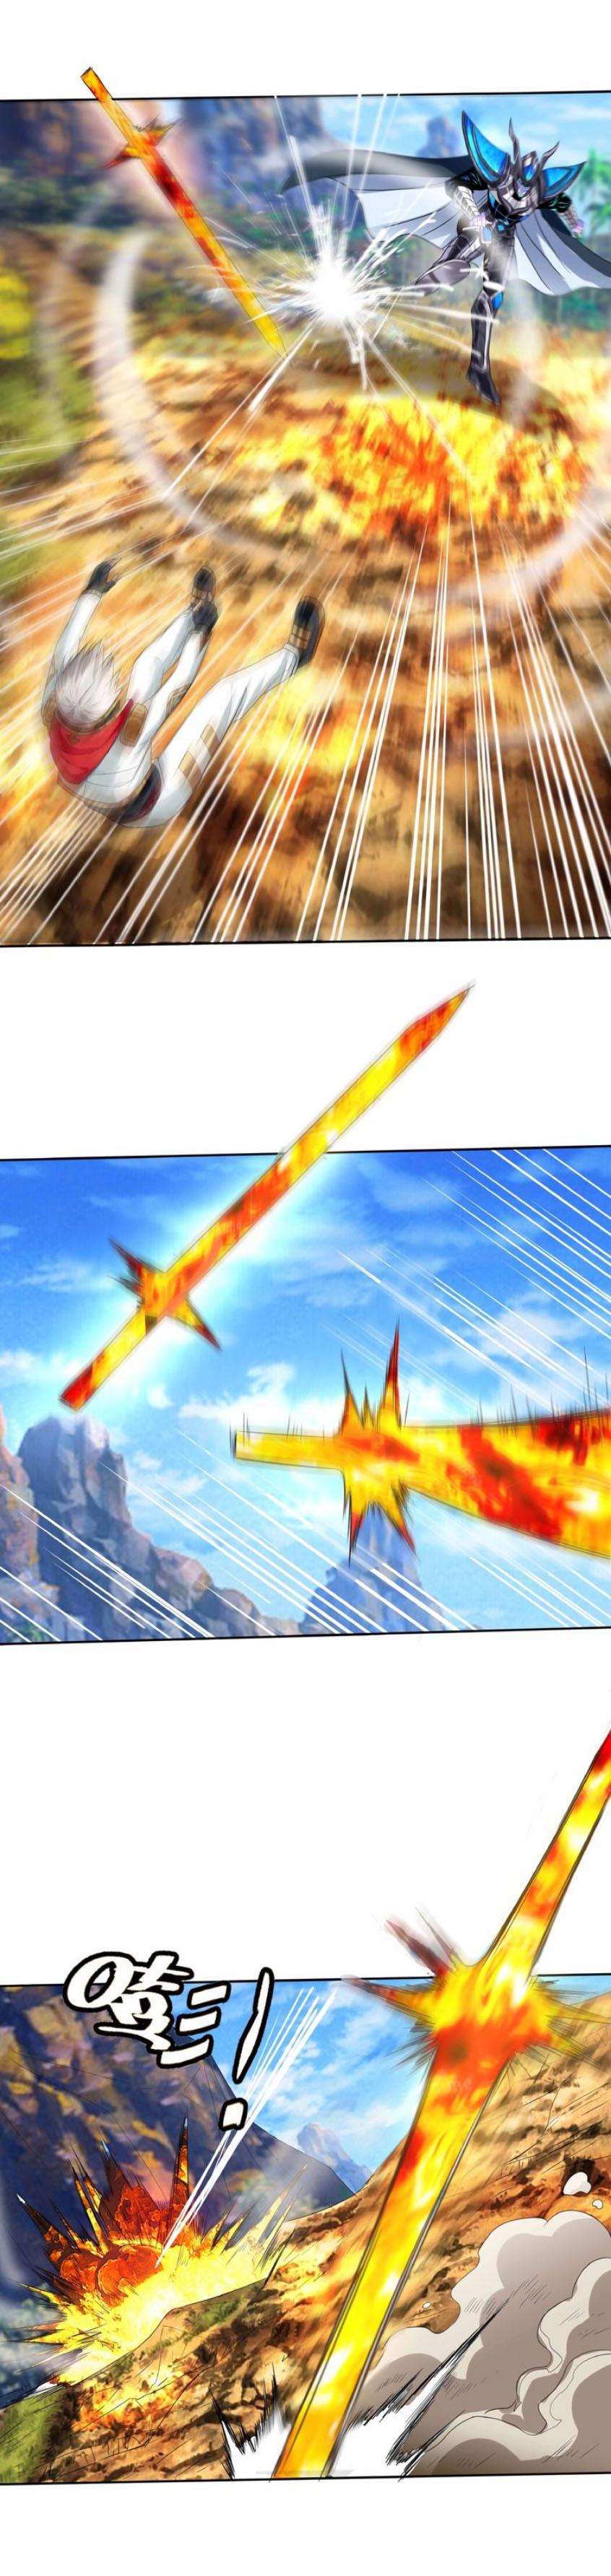 Thôn Phệ Lĩnh Vực chapter 61 video - Upload bởi - truyenmh.com